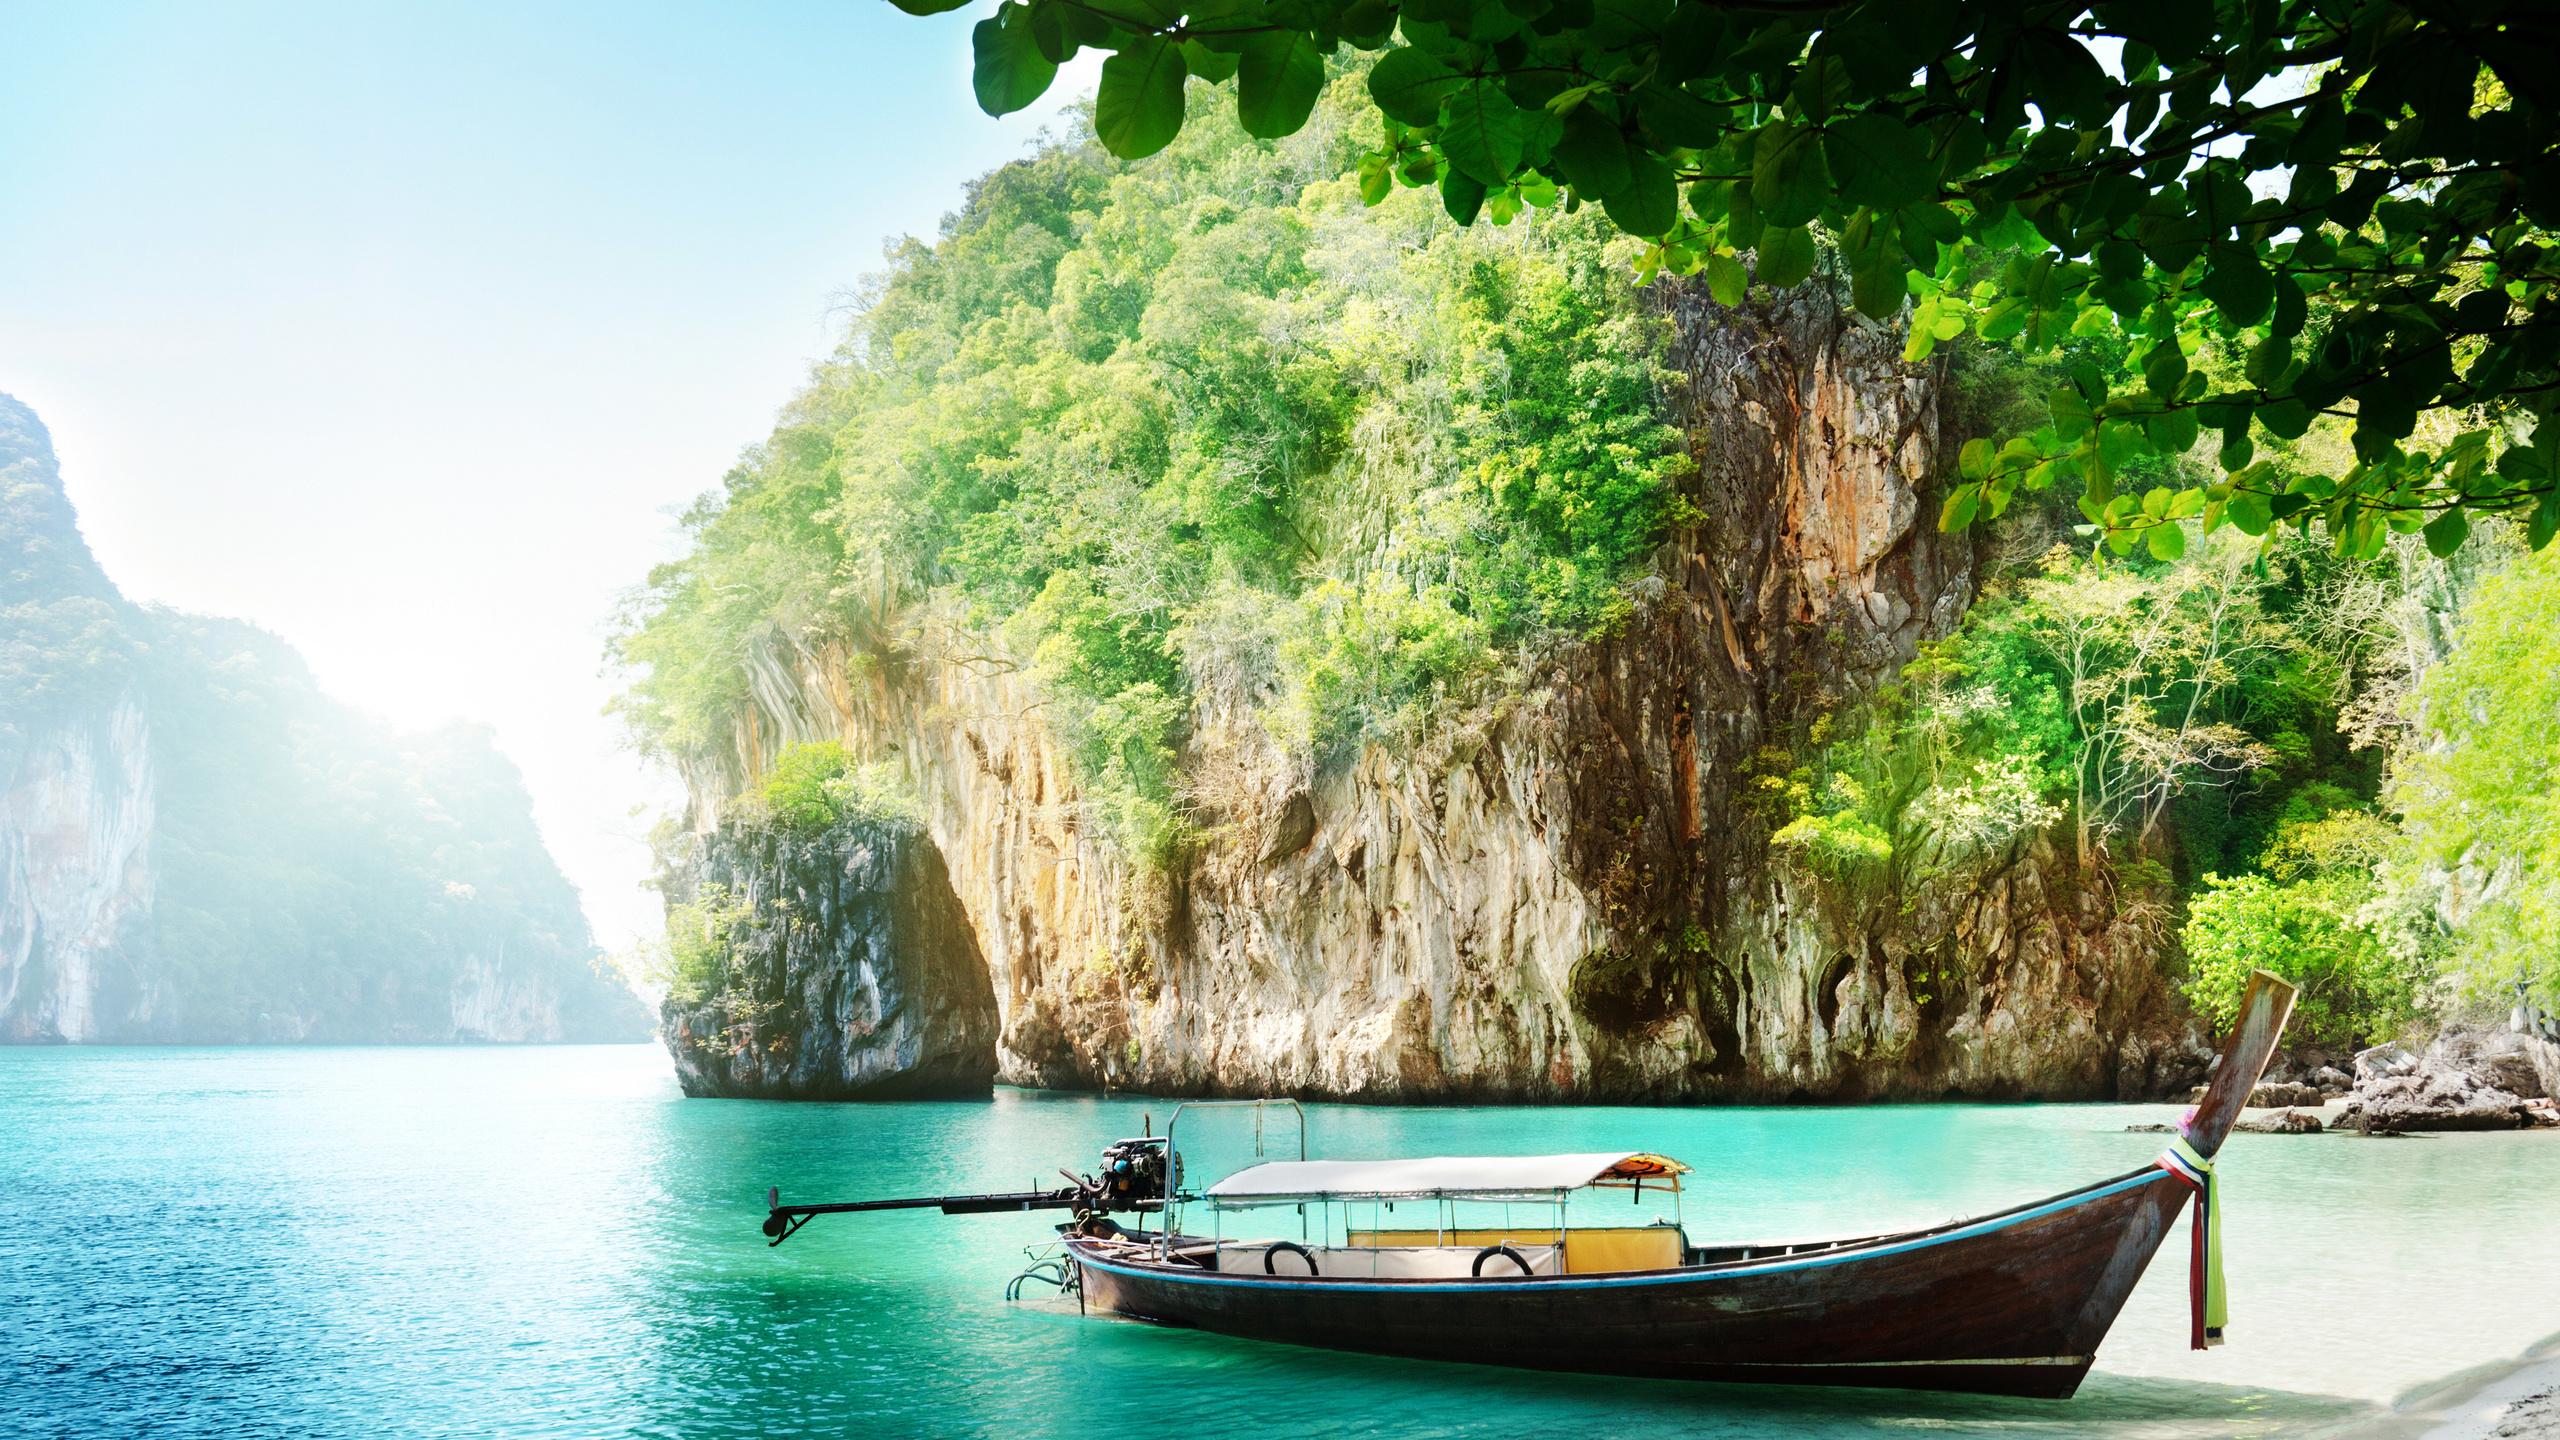 тайланд картинка хорошего качества нашем каталоге можете